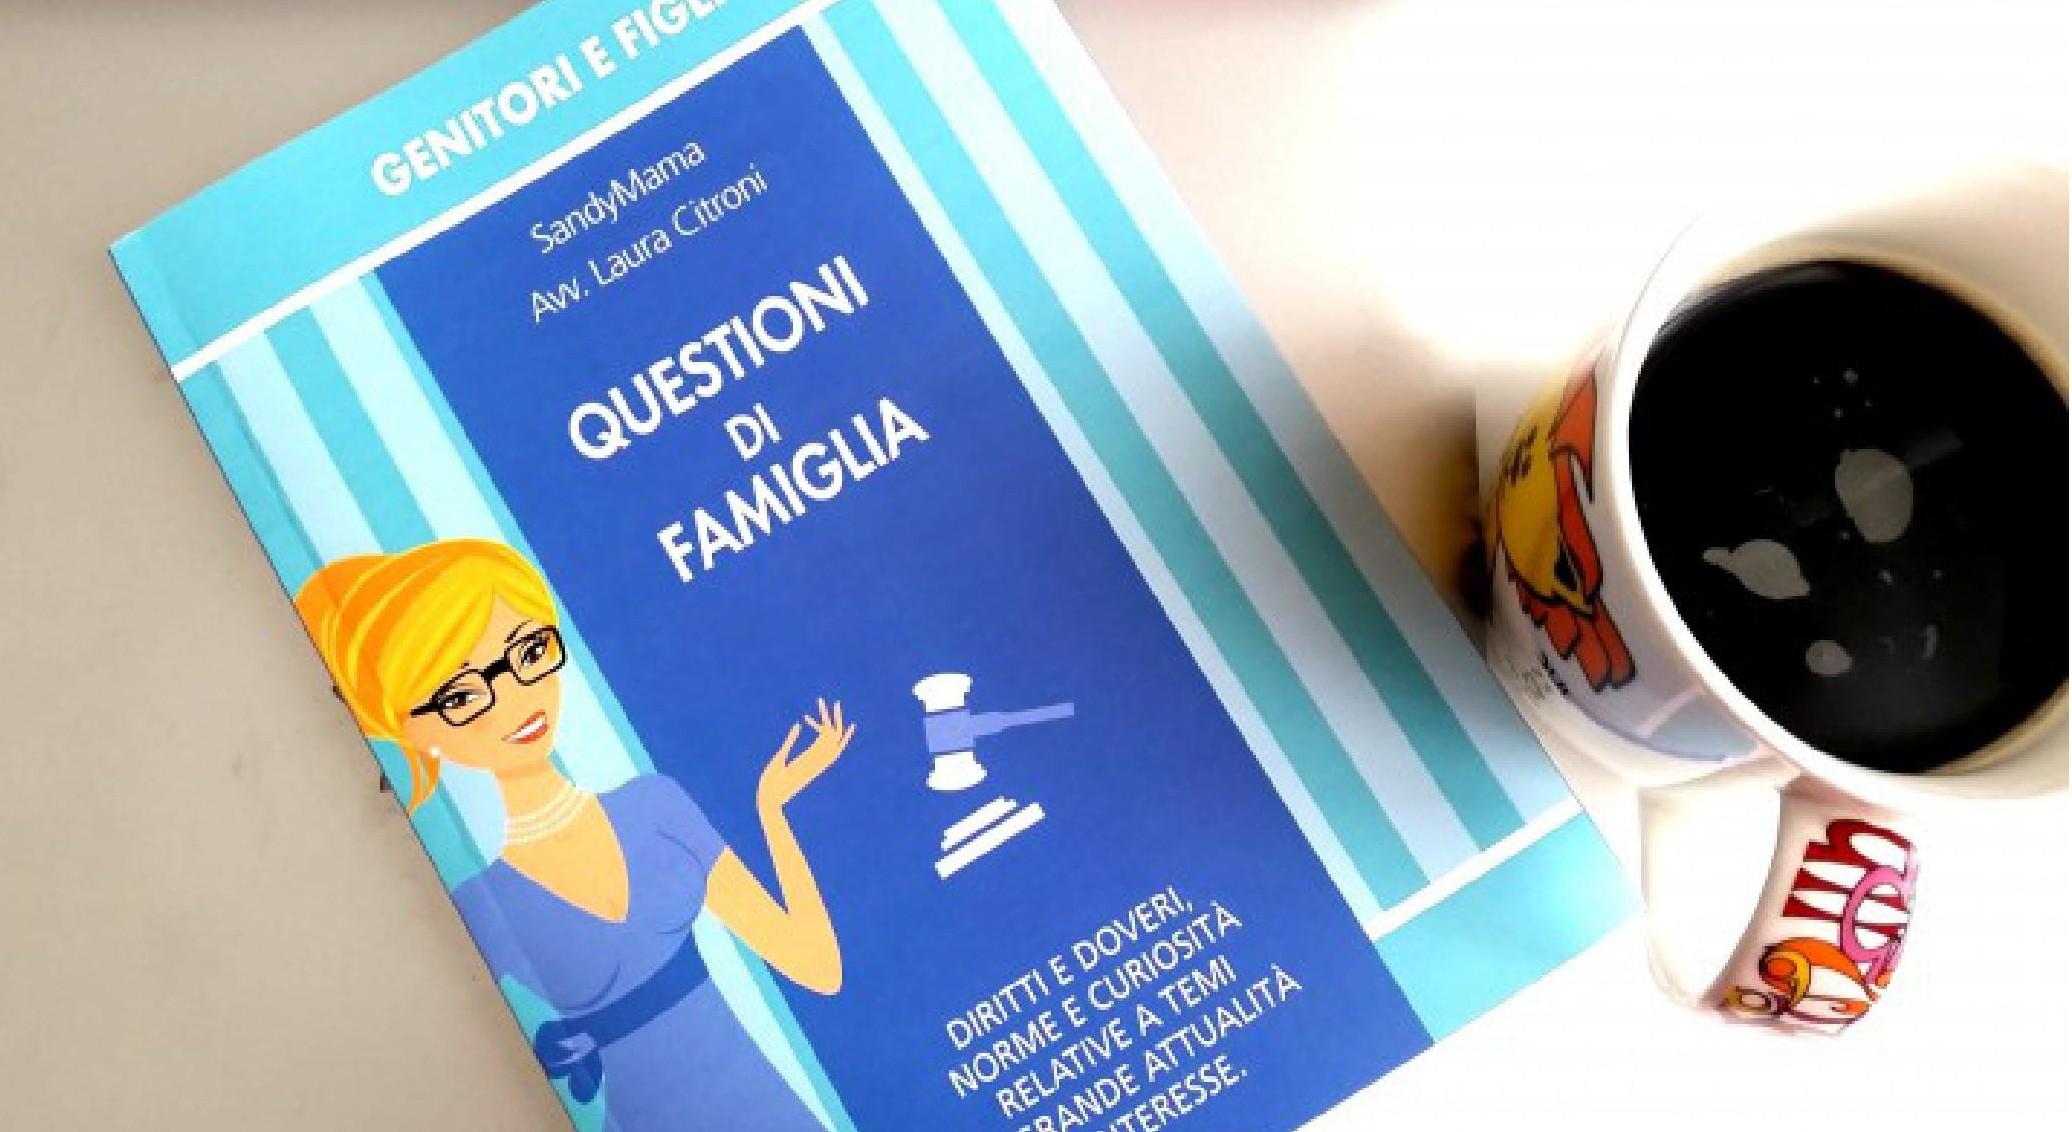 Questioni di famiglia: la recensione su #Mama'sHugs